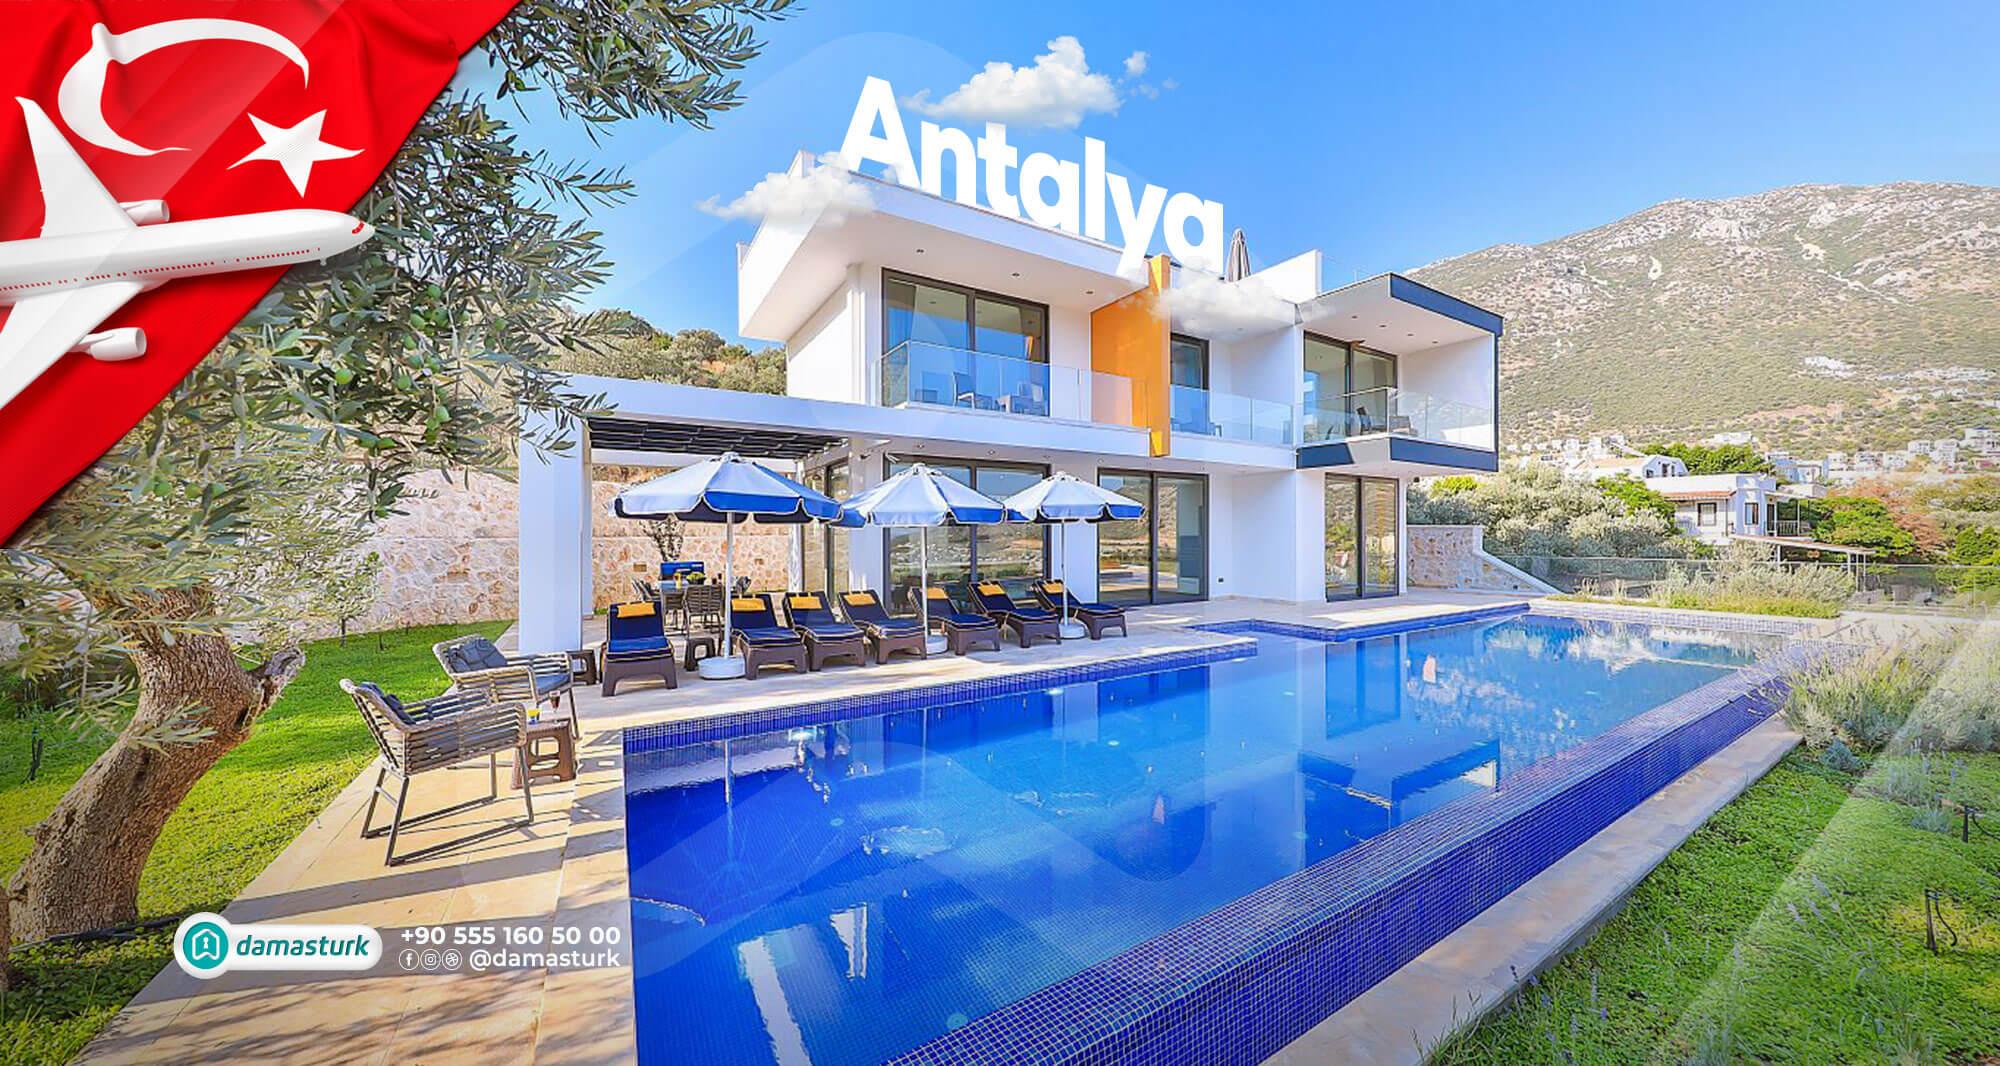 الاستثمار في فلل للبيع في أنطاليا 2021